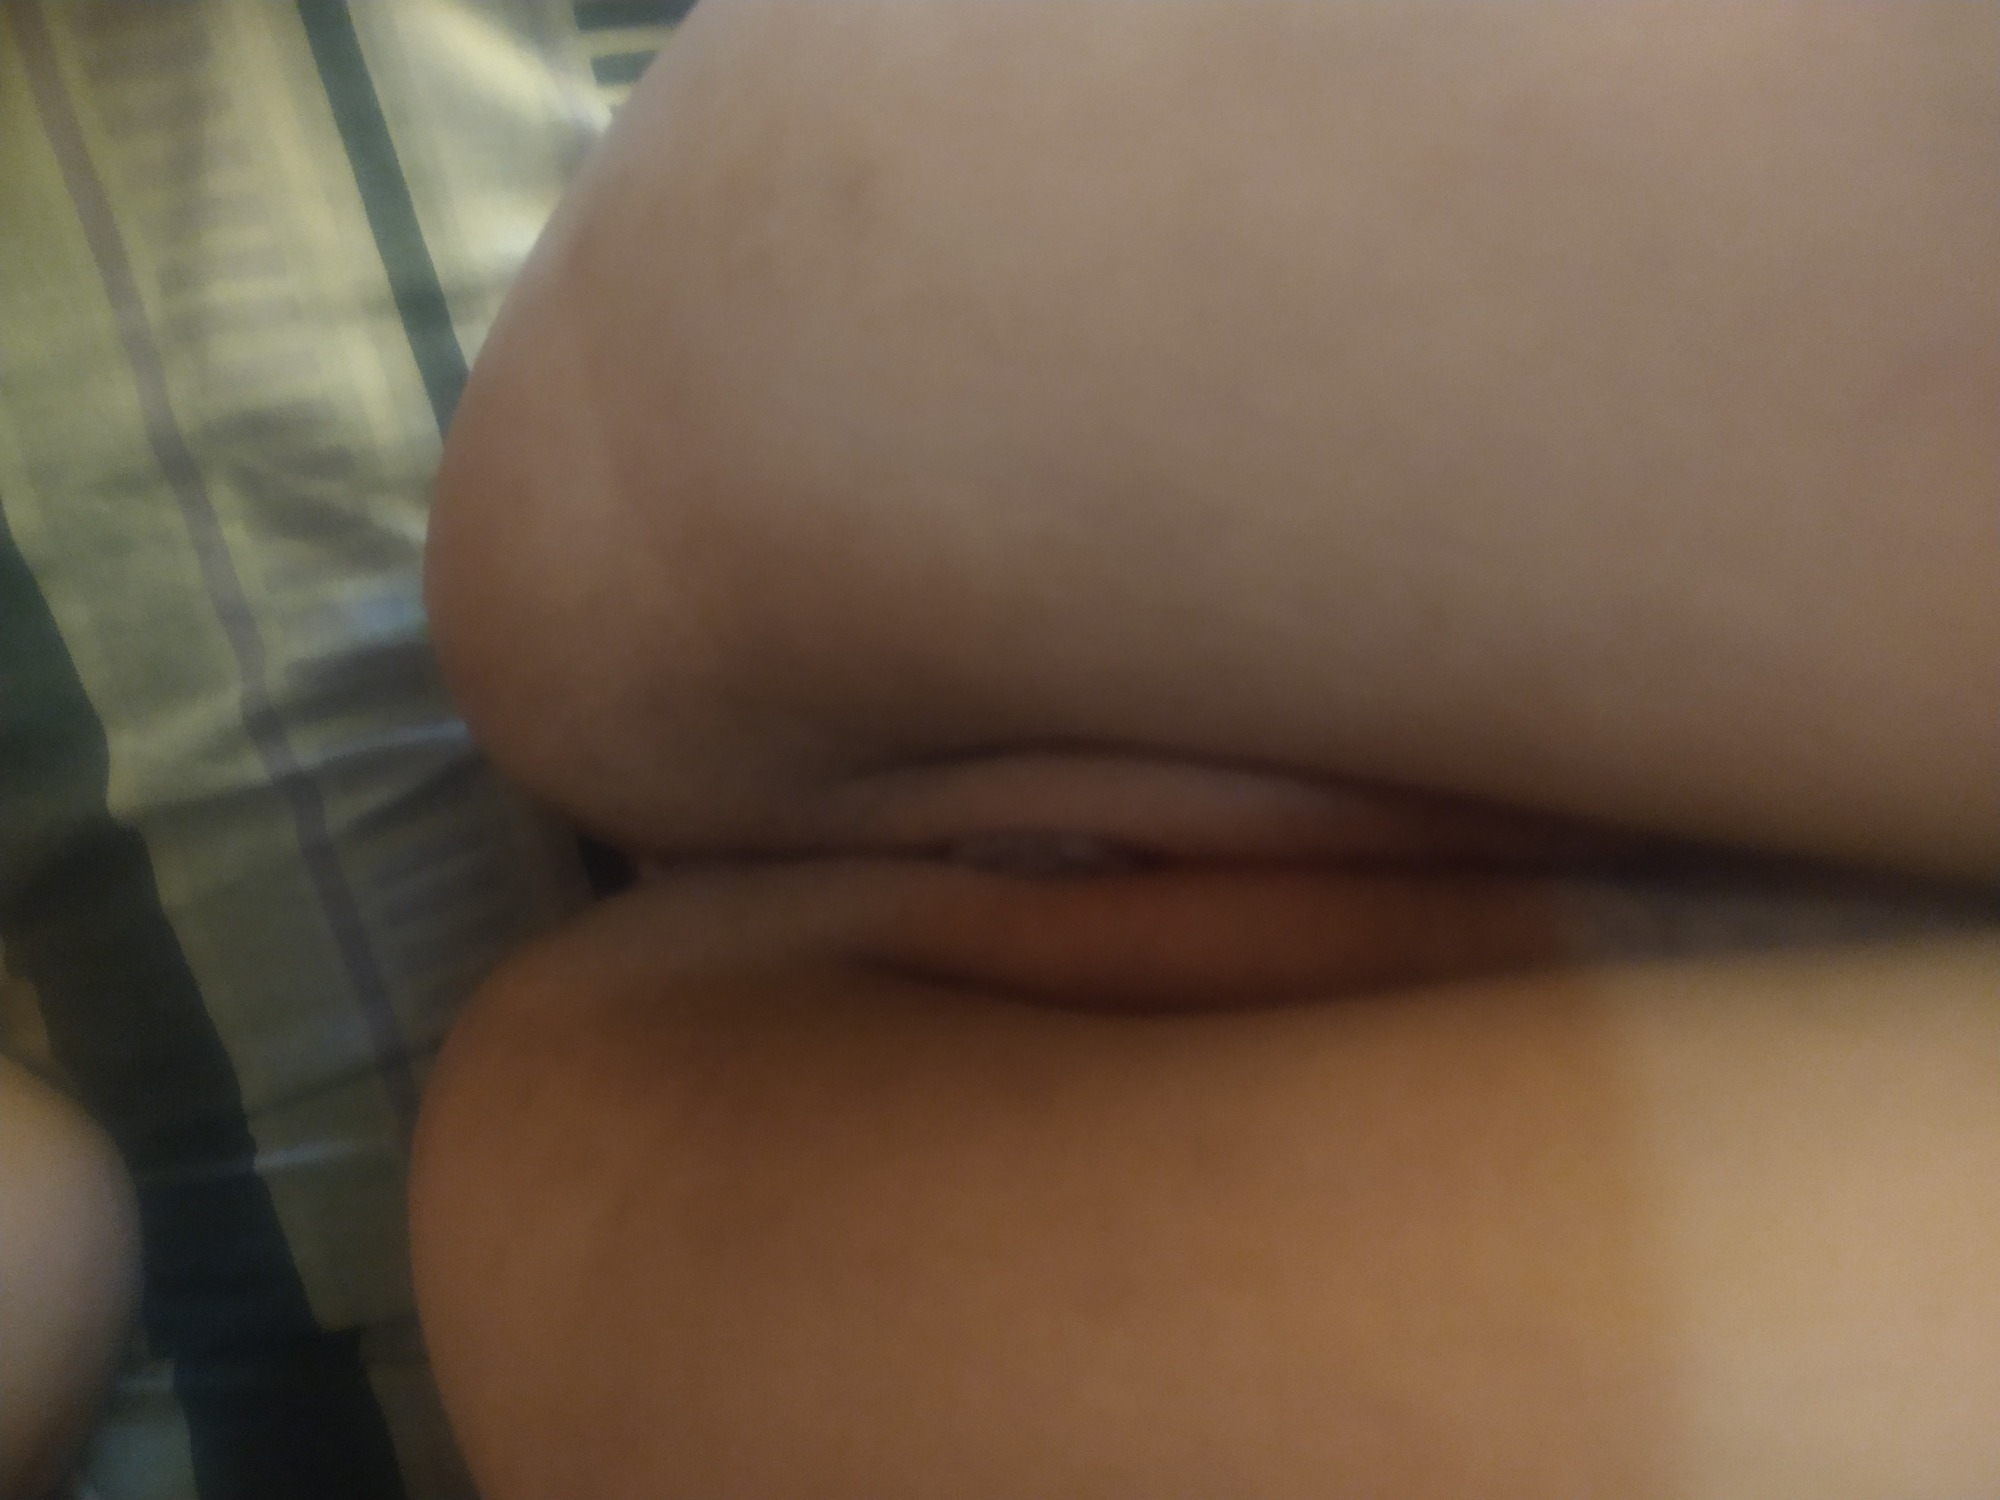 fotos de porno vaginas coños amateurs fotos porno caseras